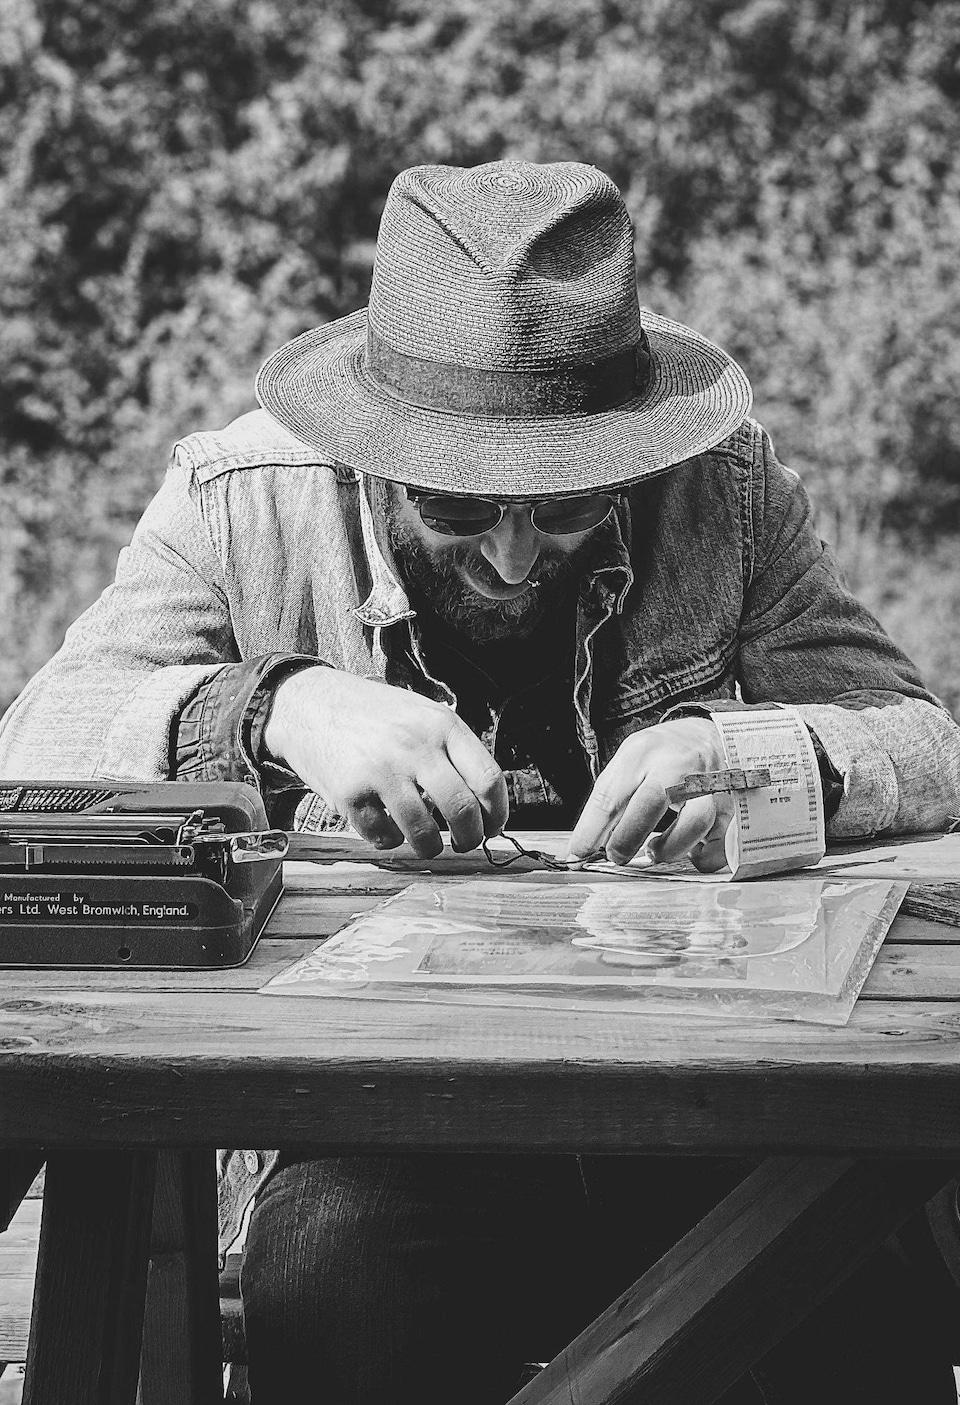 Photo en noir et blanc de Jonathan, portant un chapeau et des lunettes, assis à une table de pique-nique en train de coudre un livre à la main.